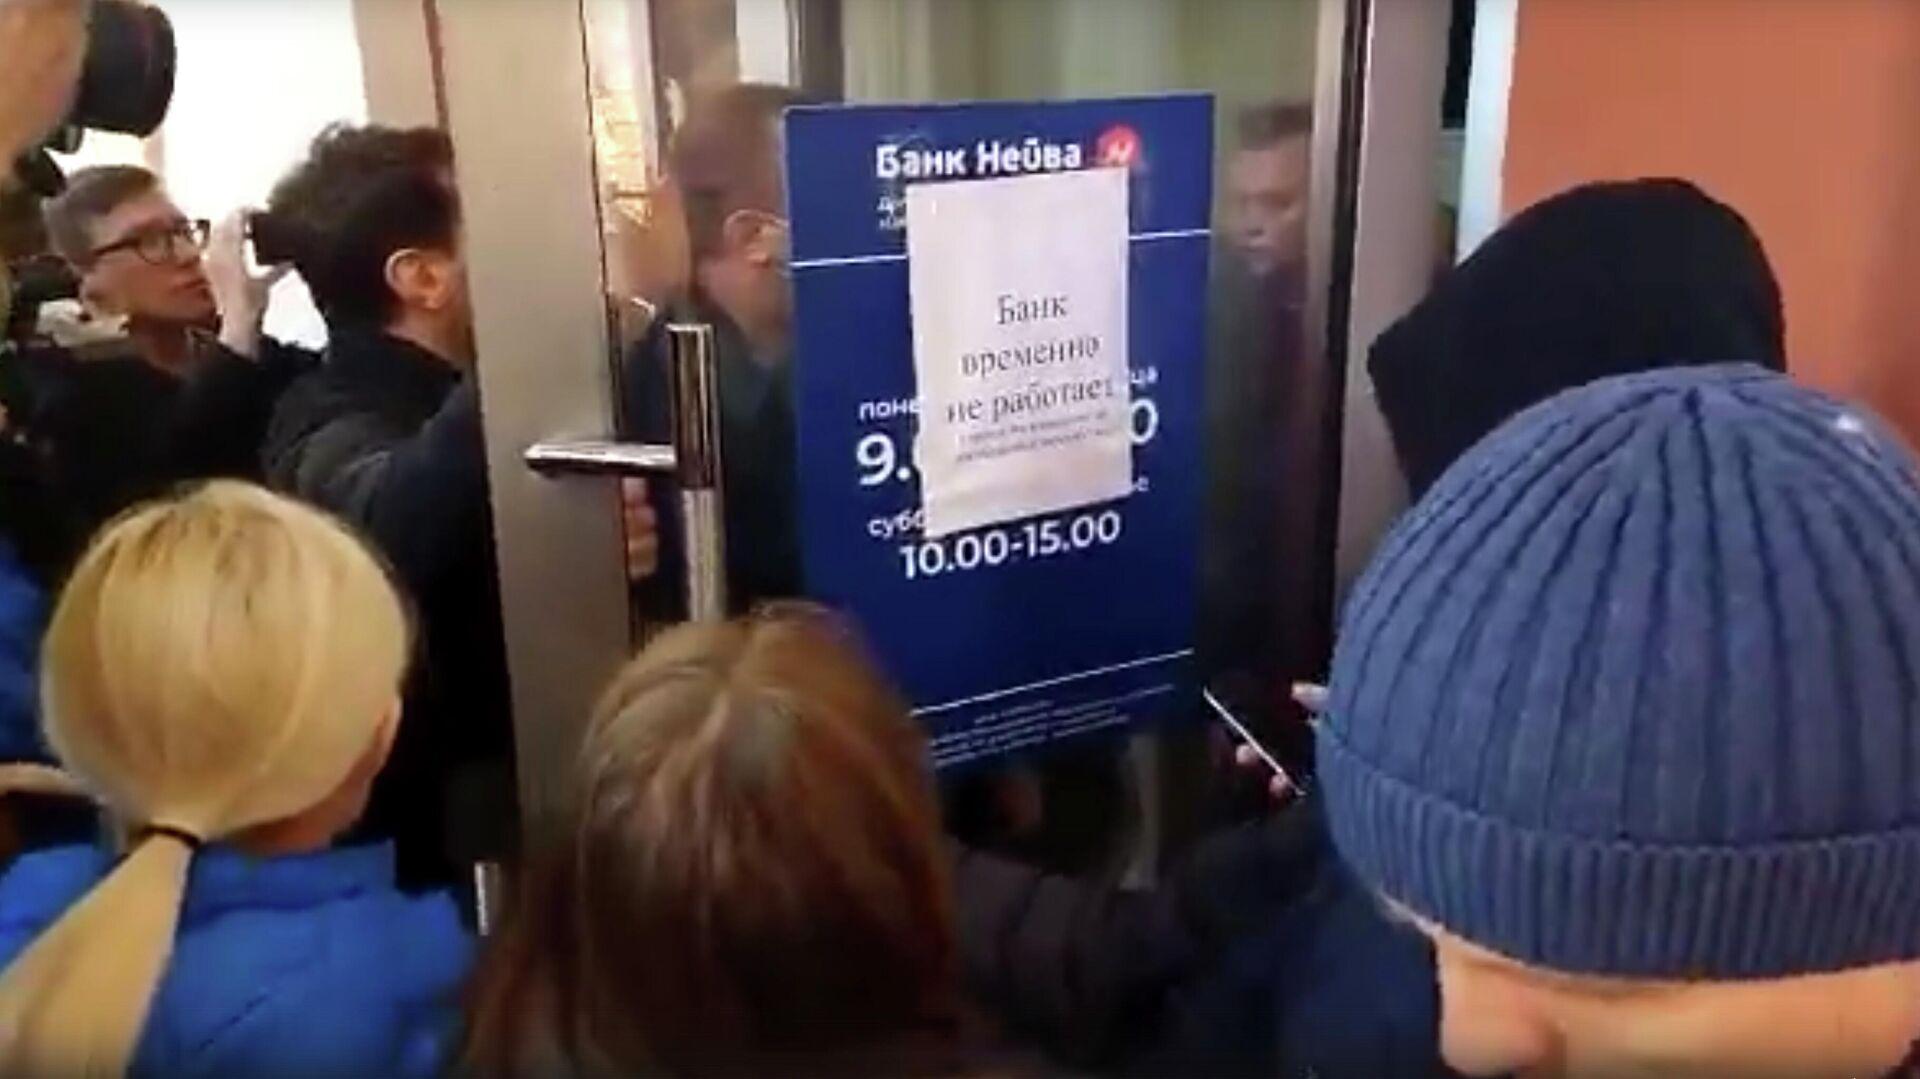 """Вкладчики пришли к офису лишившегося лицензии банка """"Нейва"""""""